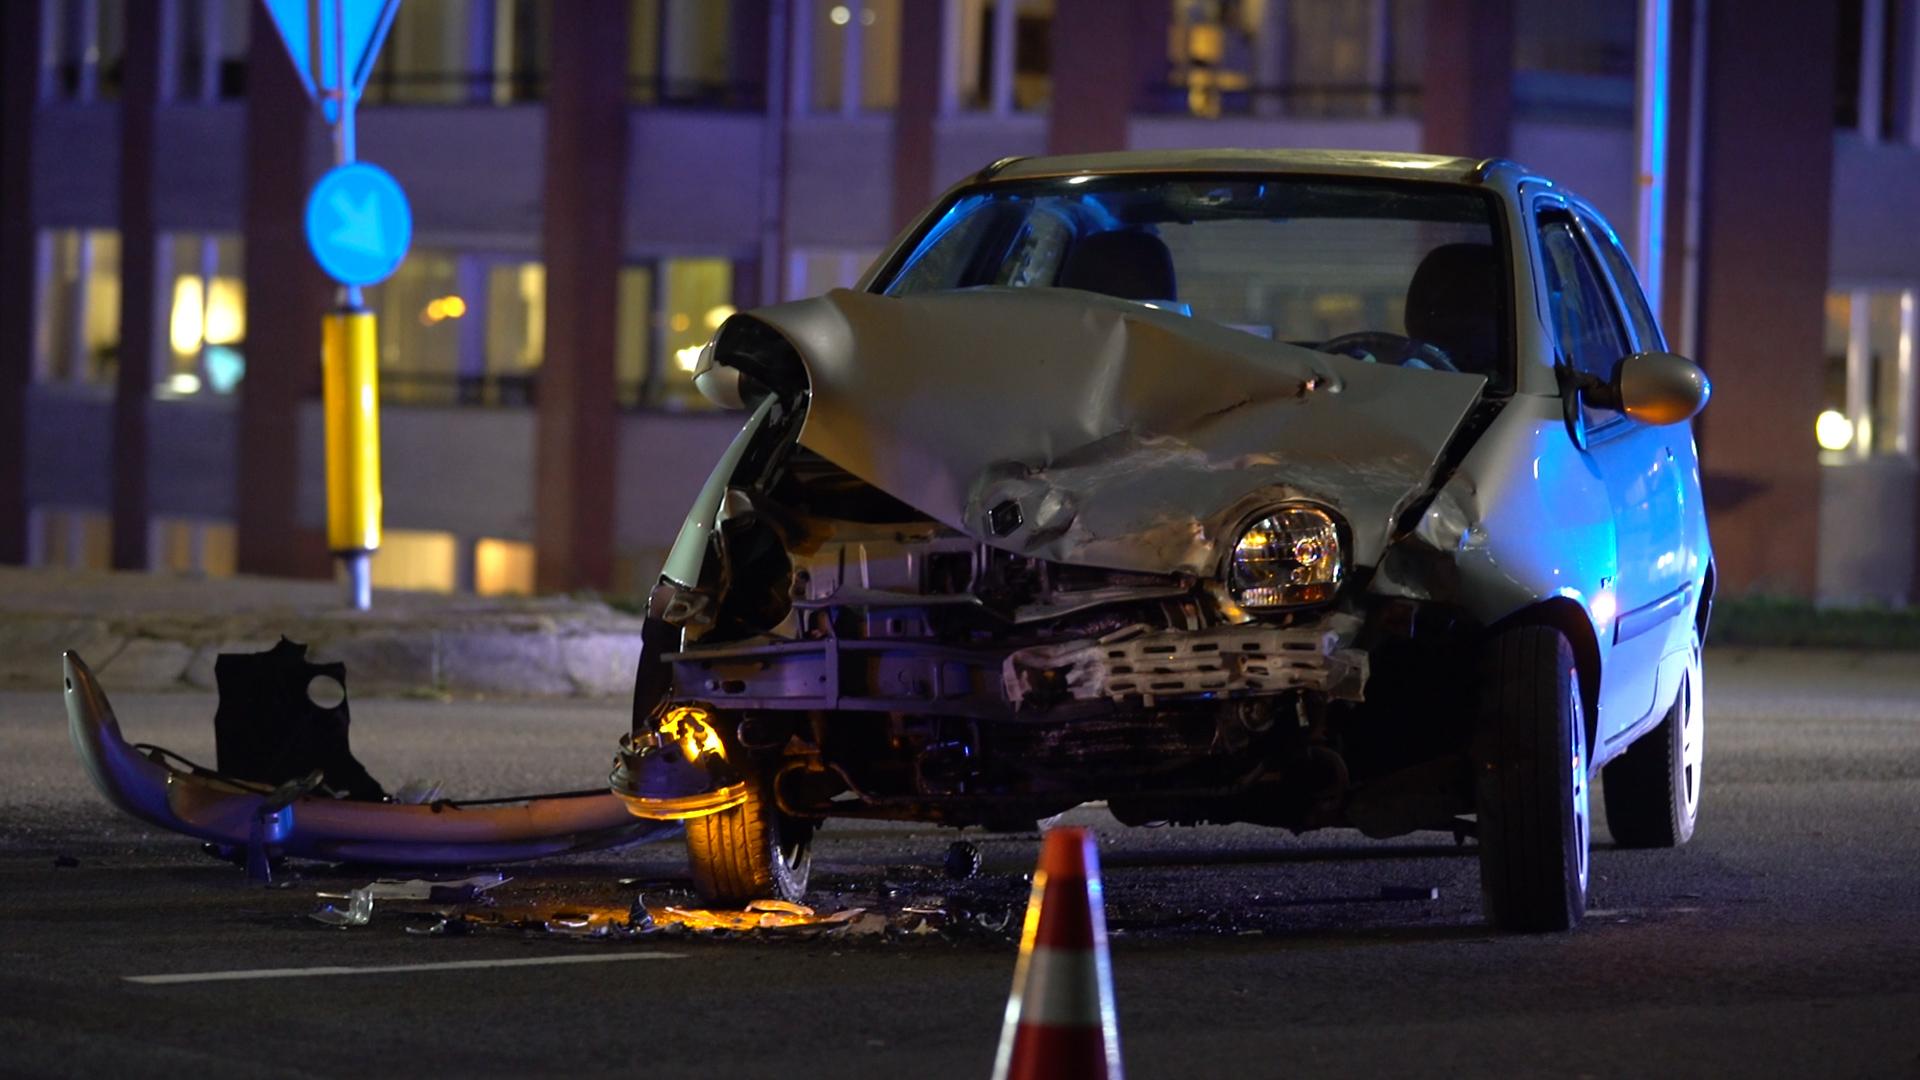 Gewonde bij ongeluk op N337 bij Olst, weg tijdelijk afgesloten geweest.